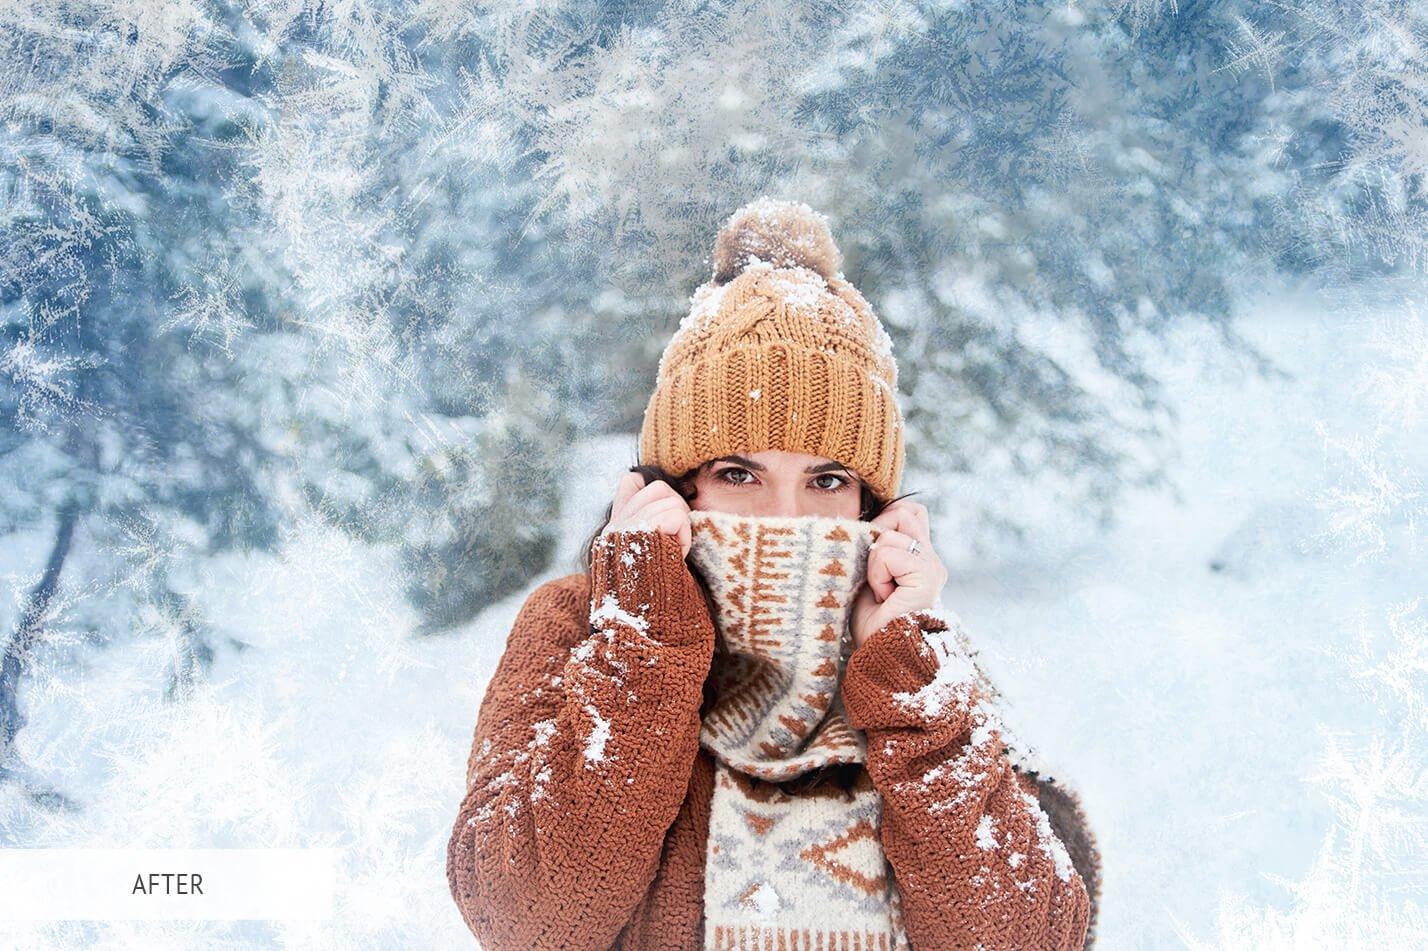 30款高清冬季冰雪PS叠加层背景图片素材 Ice Photoshop Overlays插图(18)